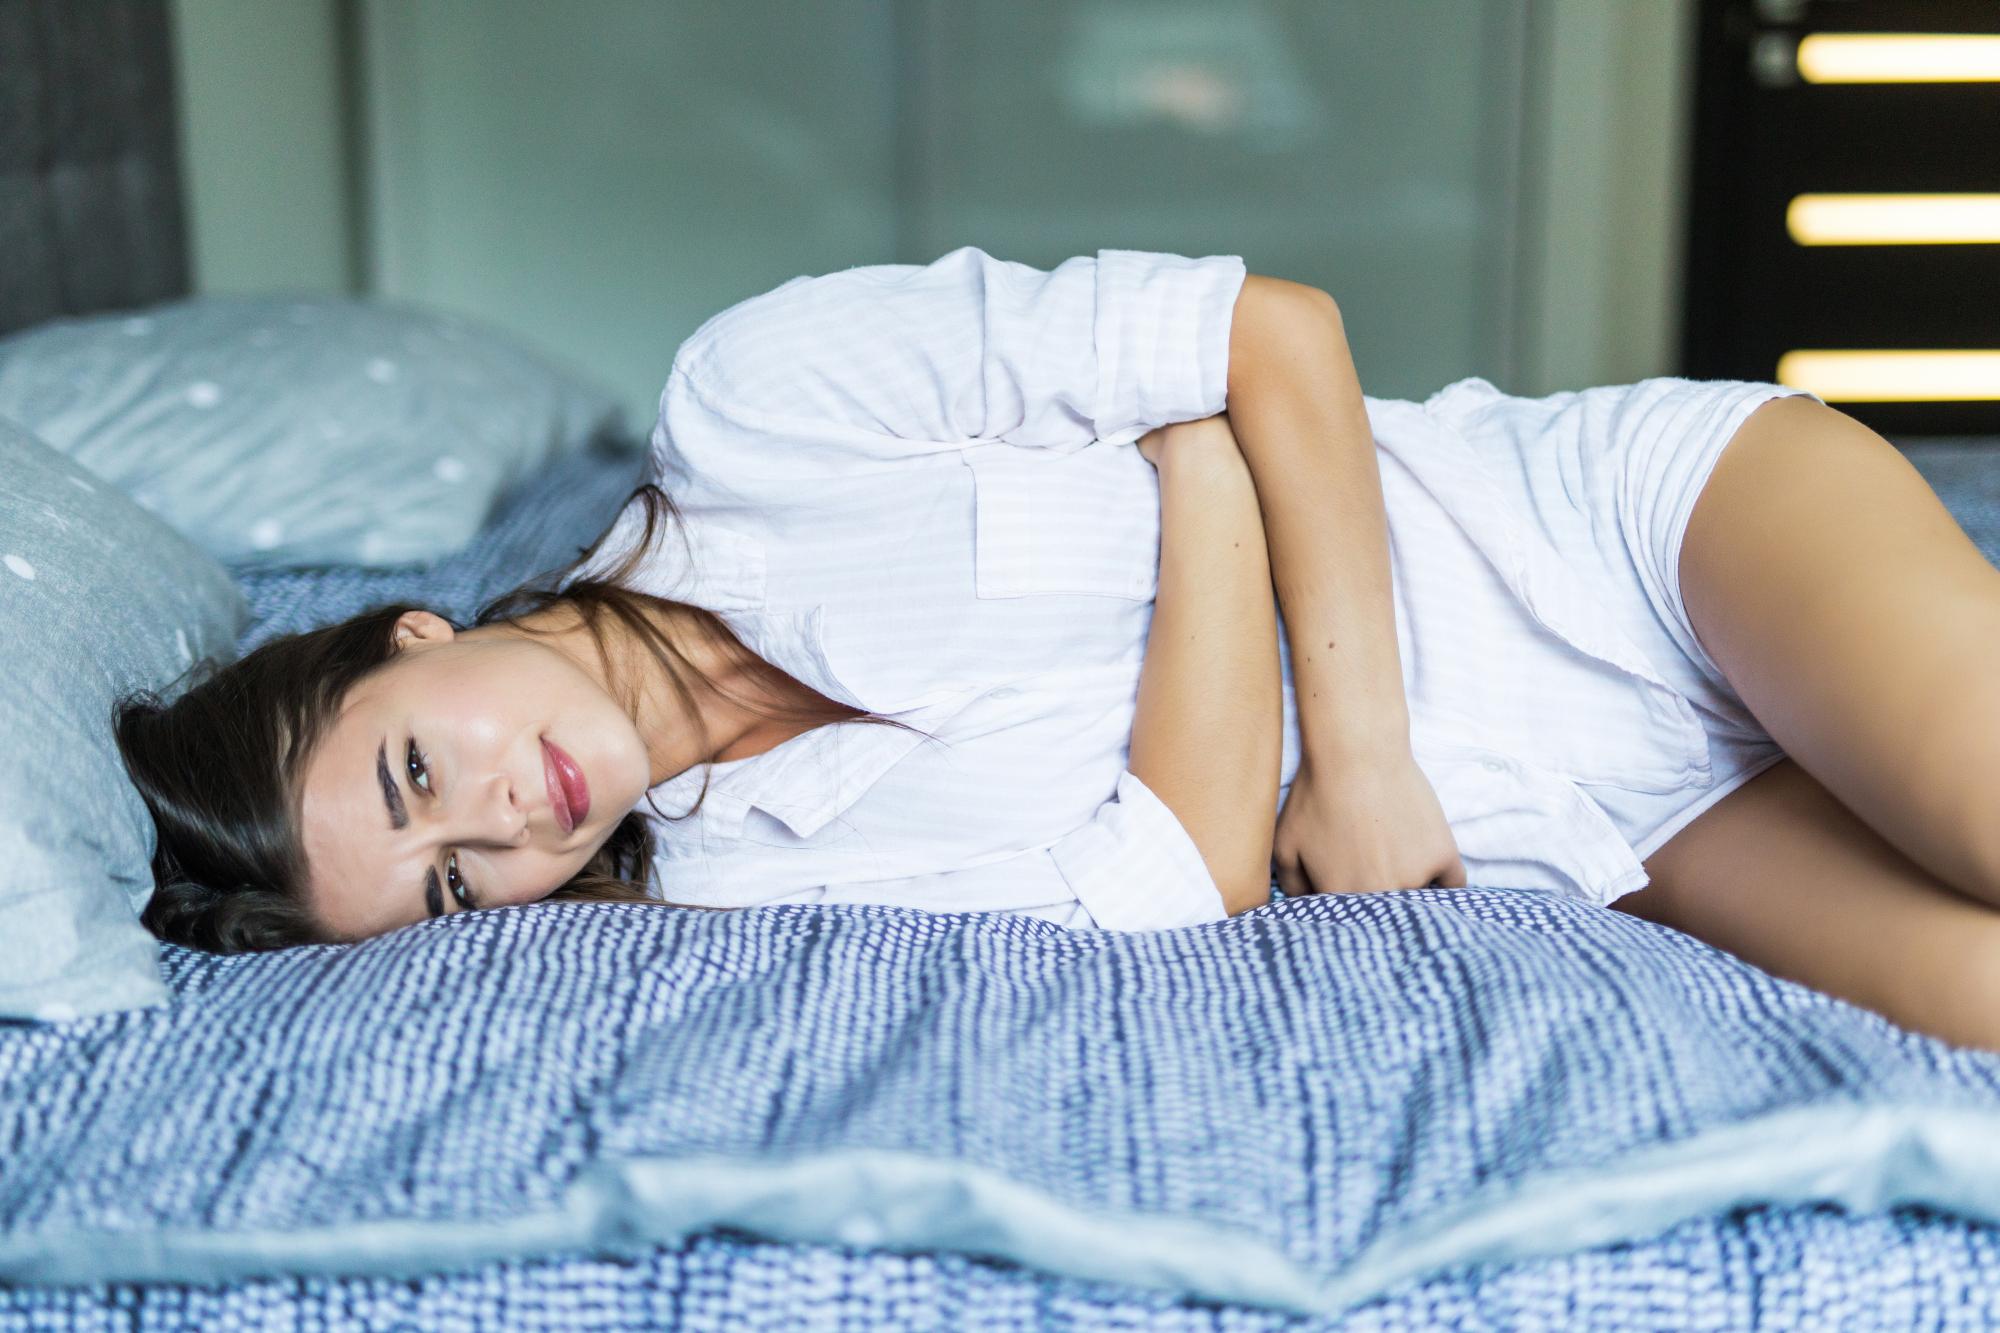 mujeres sienten más dolor físico